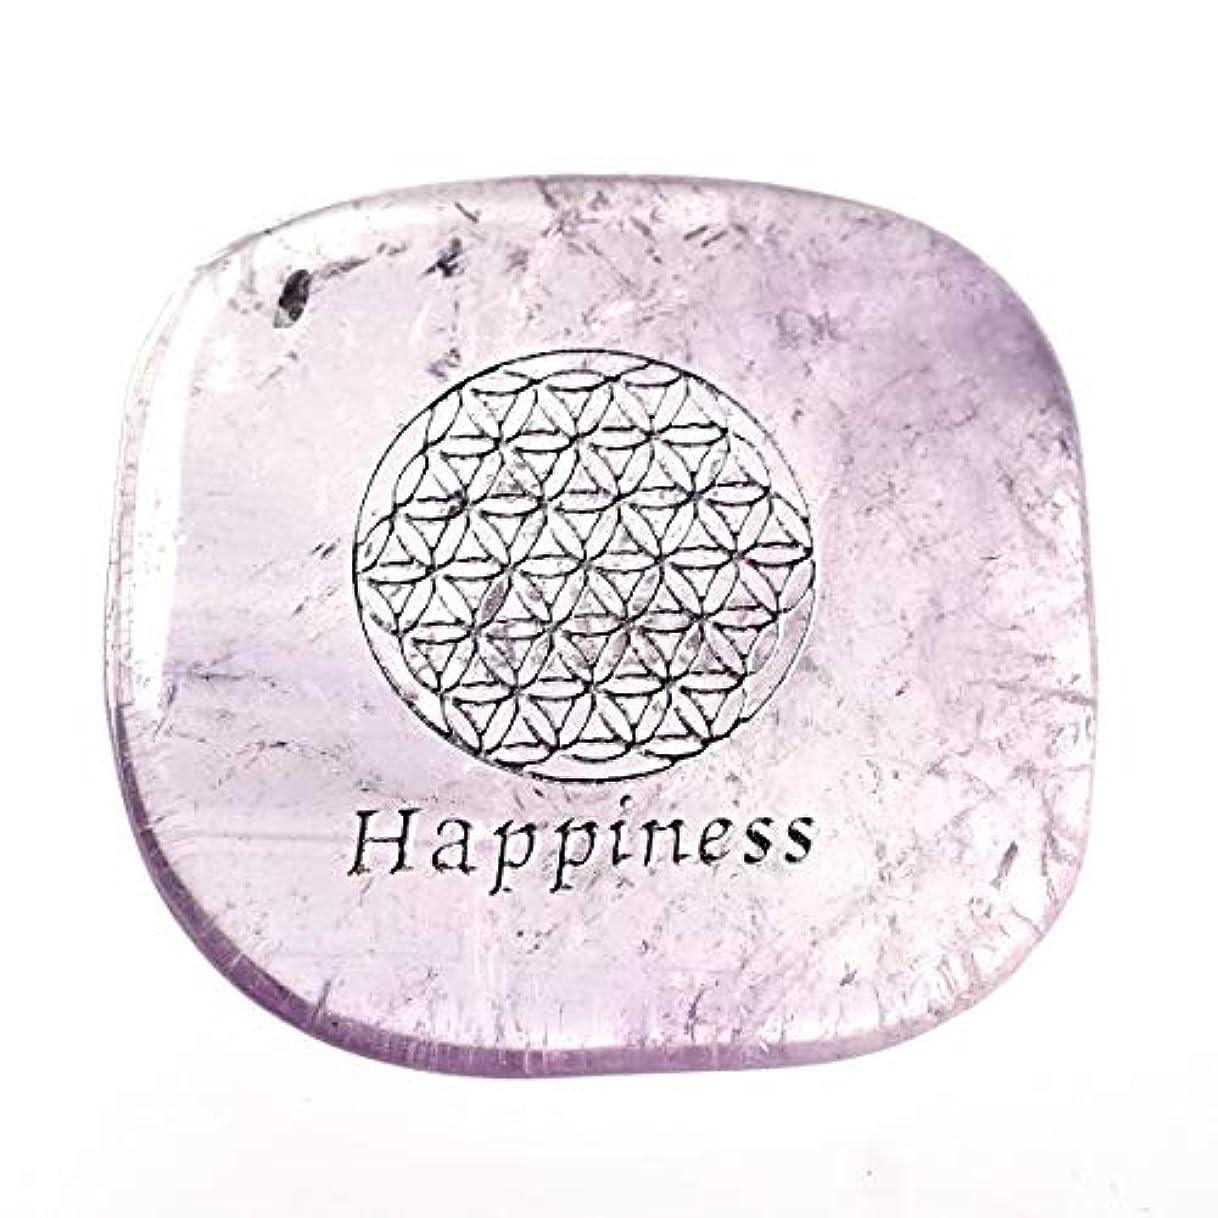 用心するパック繁栄LUCAS ビジョンストーン(アメジスト) フラワーオブライフ (Healing 癒し/Happiness 幸福)